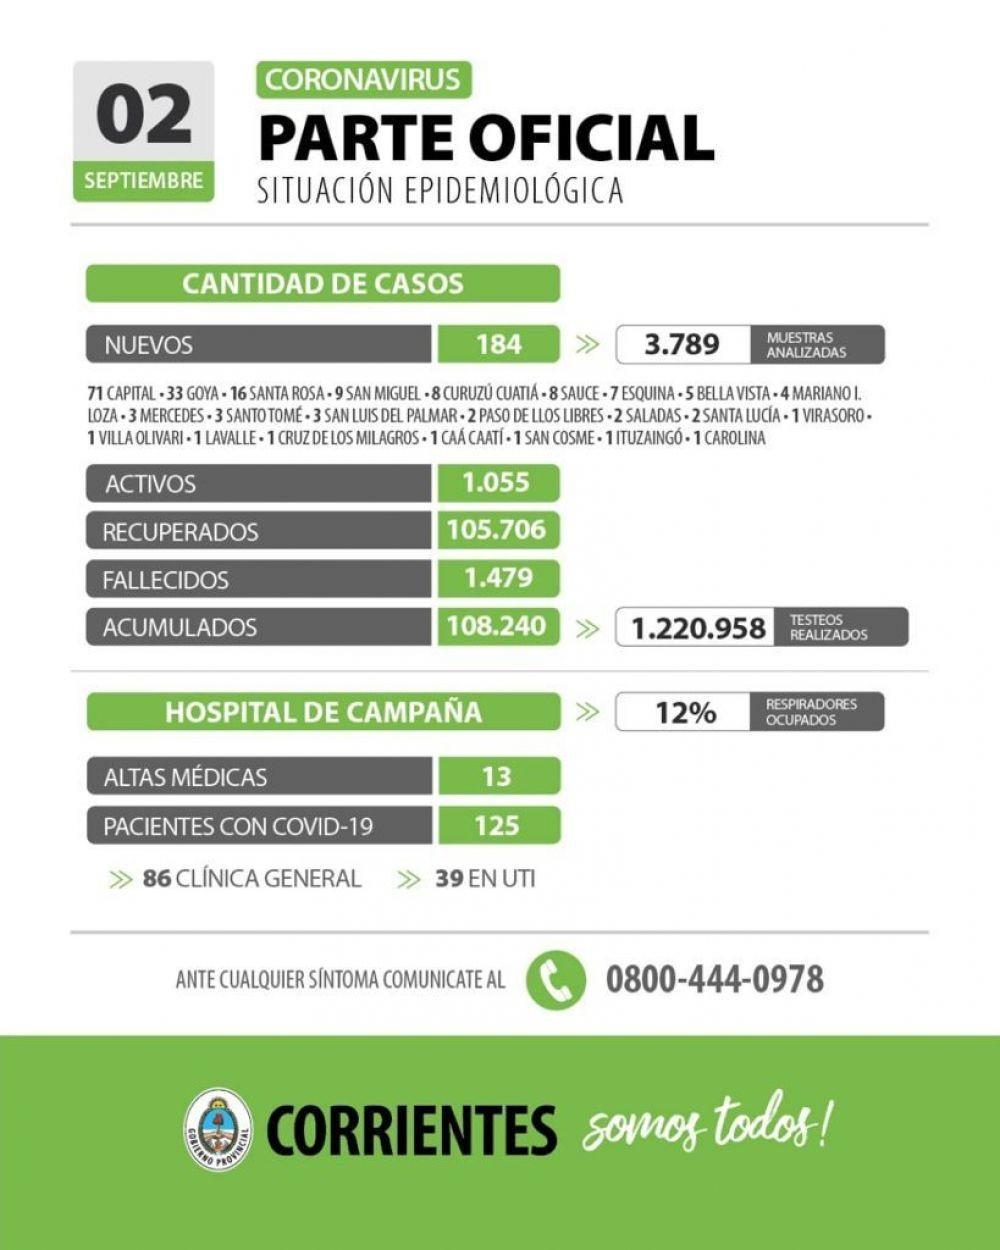 Informan 184 nuevos casos de coronavirus en Corrientes